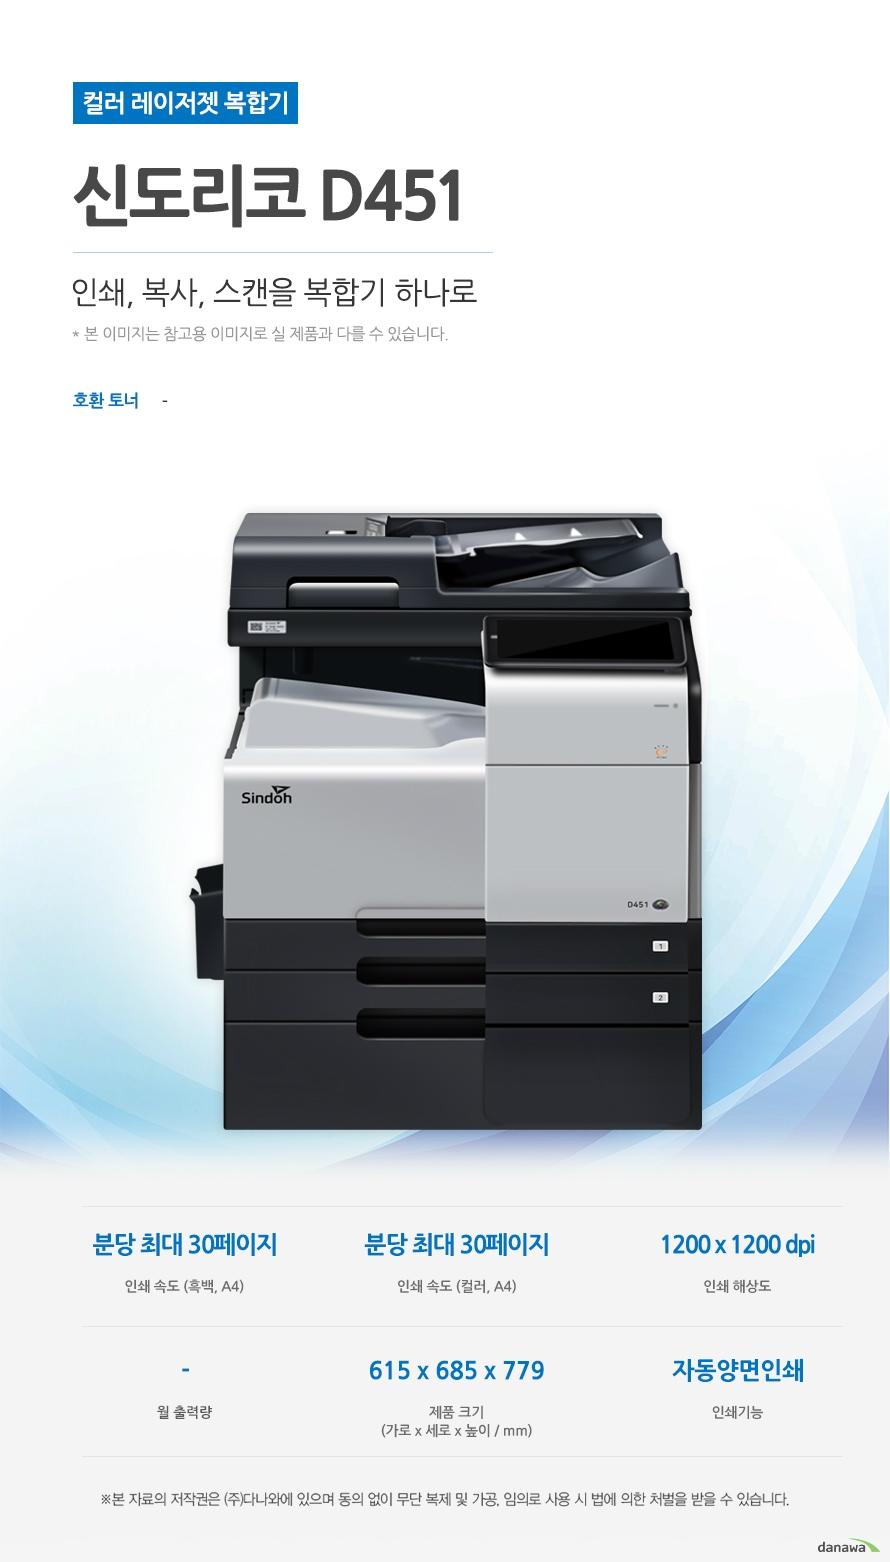 컬러 레이저젯 복합기 신도리코 D451 (테이블 포함) 인쇄, 복사, 스캔을 복합기 하나로 호환토너 - 인쇄속도 (흑백,A4) 분당 최대 30페이지 / 인쇄속도 (컬러,A4) 분당 최대 30페이지 / 인쇄해상도 1200x1200 dpi / 월출력량 - / 제품 크기 (가로 x 세로 x 높이 / mm) 615 x 685 x 779 / 인쇄기능 자동양면 인쇄  최대 30ppm의 빠른 인쇄 속도 다양한 문서에 대한 빠른 인쇄로 가정, 학교, 사무실 등 어느 환경에서나 답답함 없이 문서를 출력하실 수 있습니다.  *ppm: pages per minute (1분에 출력하는 페이지 수) 흑백 출력 속도 30ppm / 컬러 출력속도 30ppm / 첫장 인쇄 5초   효울적인 용지 급지 용지함을 한 번 채워 넣으면 용지를 자주 채워줄 필요 없이 오랫 동안 사용할 수 있어, 업무 중 불필요한 시간 낭비를 줄여줍니다. *최대 용지함 개수와 최대 급지용량은 기본 장착이 아닙니다. 제품 구매 전 옵션 사항을 확인하세요. 기본 급지 용량 1,050매   어느 공간에나 어울리는 컴팩트한 사이즈 컴팩트한 사이즈로 다양한 환경에서 부담없이 설치하고 효율적으로 배치시킬 수 있습니다 .(가로 x 세로 x 높이 / mm) 615 x 685 x 779  용지 소모를 줄일 수 있는 자동 양면 인쇄 일일이 종이를 뒤집지 않고도 종이 양면에 인쇄를 할 수 있습니다. 용지소모를 반으로 줄일 수 있어 경제적이며, 종이 낭비도 없앨 수 있는 효과까지 있습니다.   사무환경에 맞는 인쇄, 복사 및 스캔 기능 인쇄, 복사 및 스캔능을 결합하여 불필요한 시간 절약은 물론, 더욱 효율적인 처리가 가능합니다. *팩스의 경우 기본장착이 아닙니다. 제품 구매 전 옵션 사항을 확인 하세요.